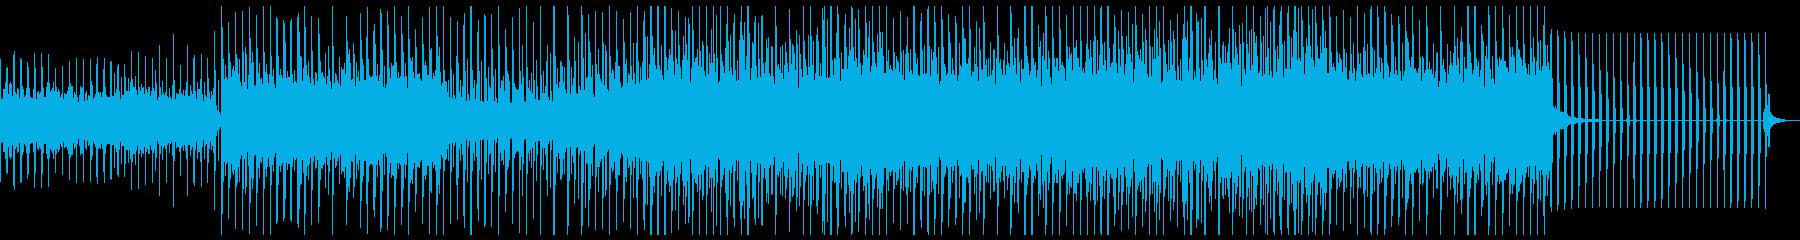 トロピカルなテイストと、切ないレゲトンの再生済みの波形